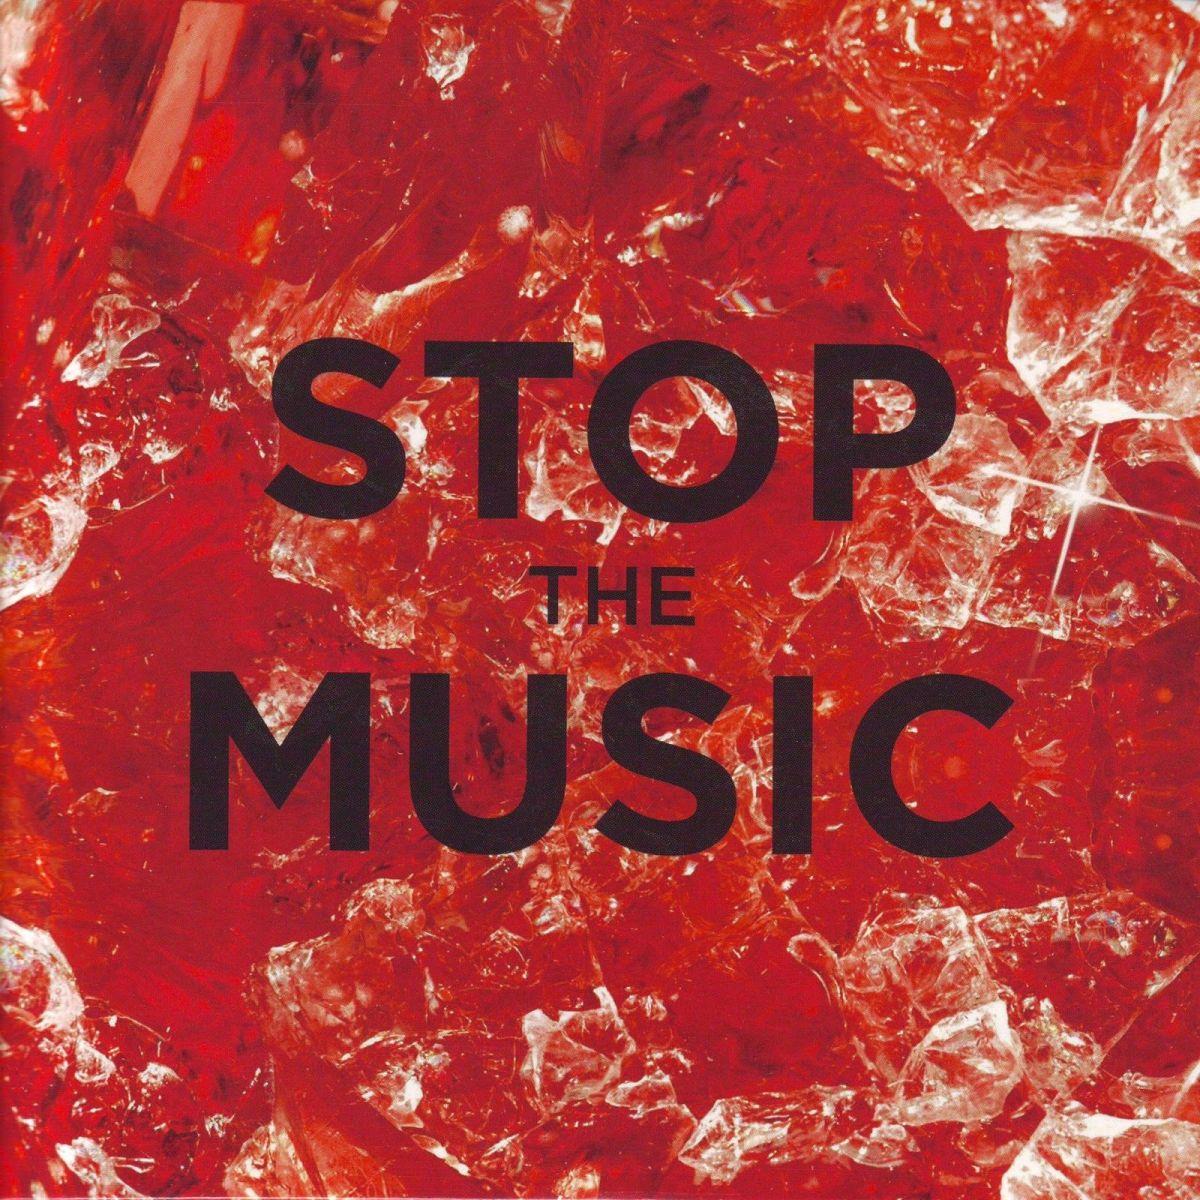 Please STOP theMusic